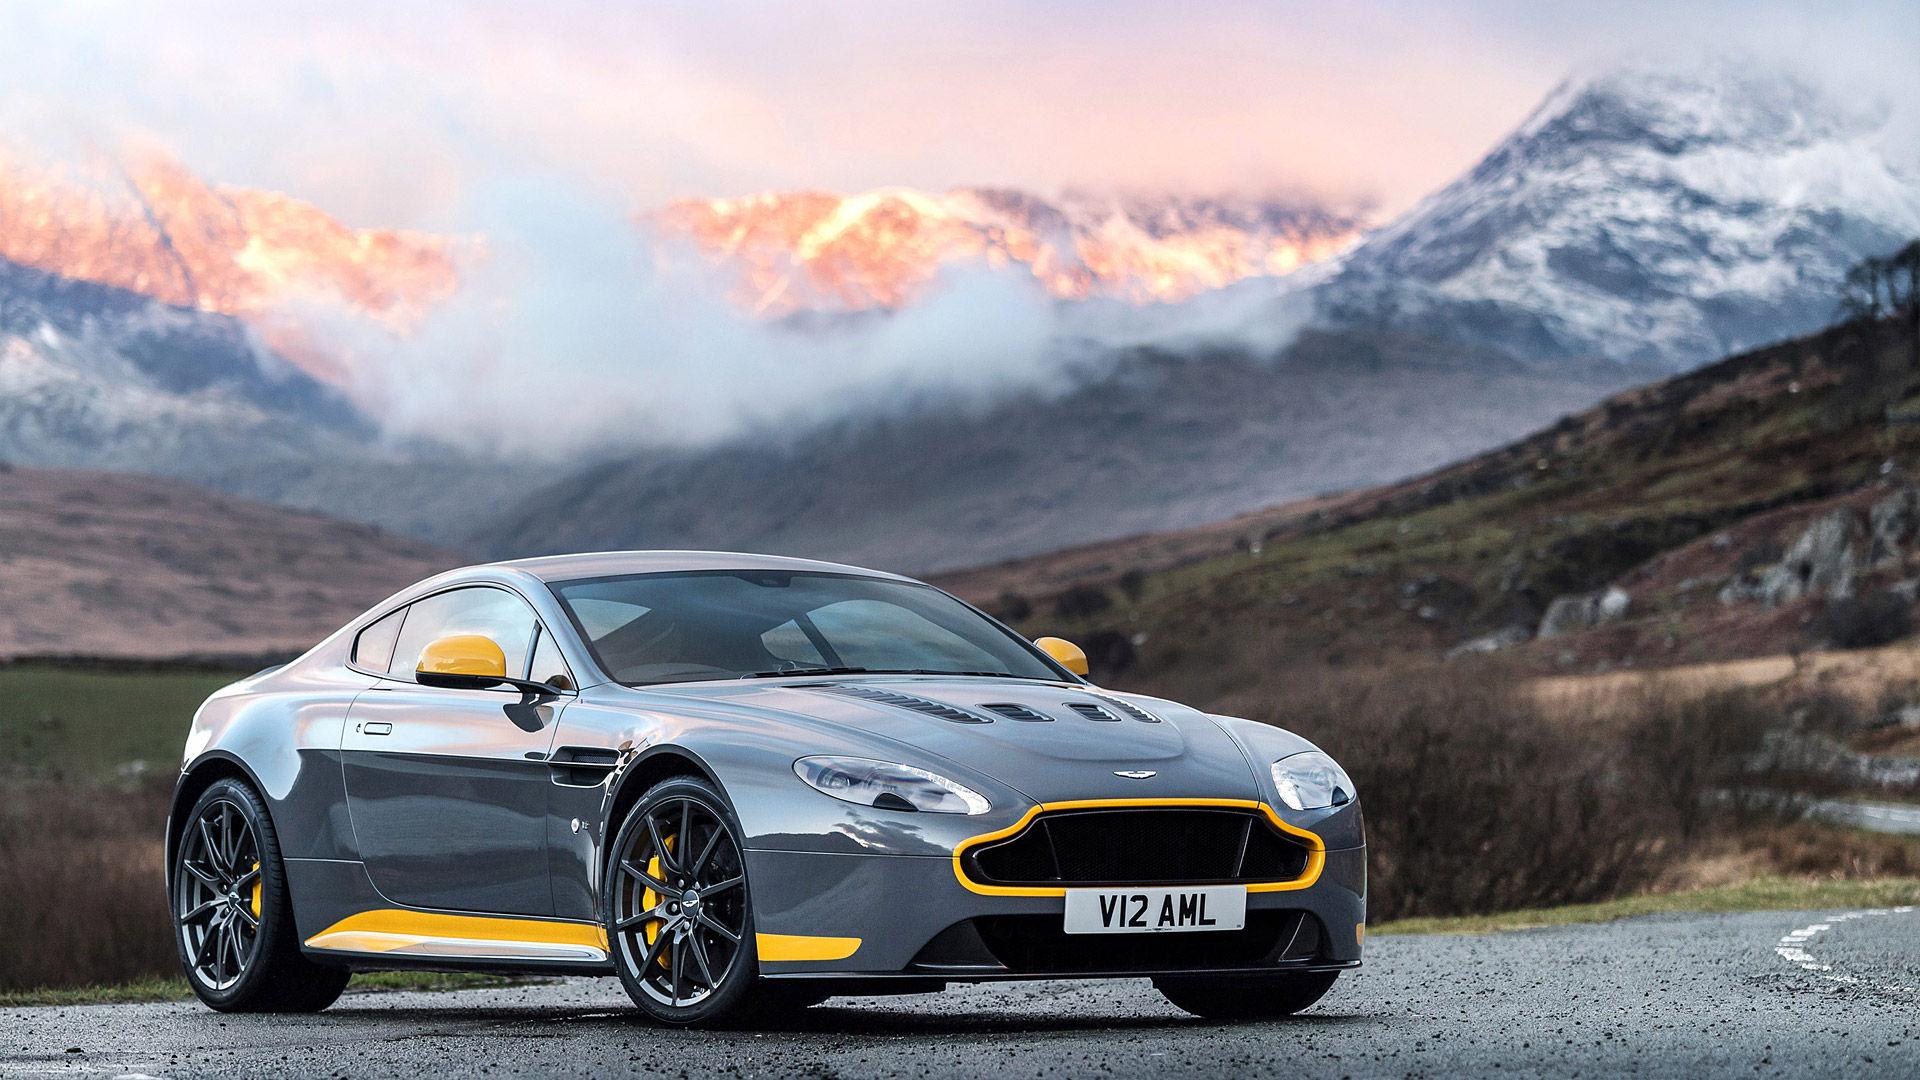 2017 Aston Martin V12 Vantage S